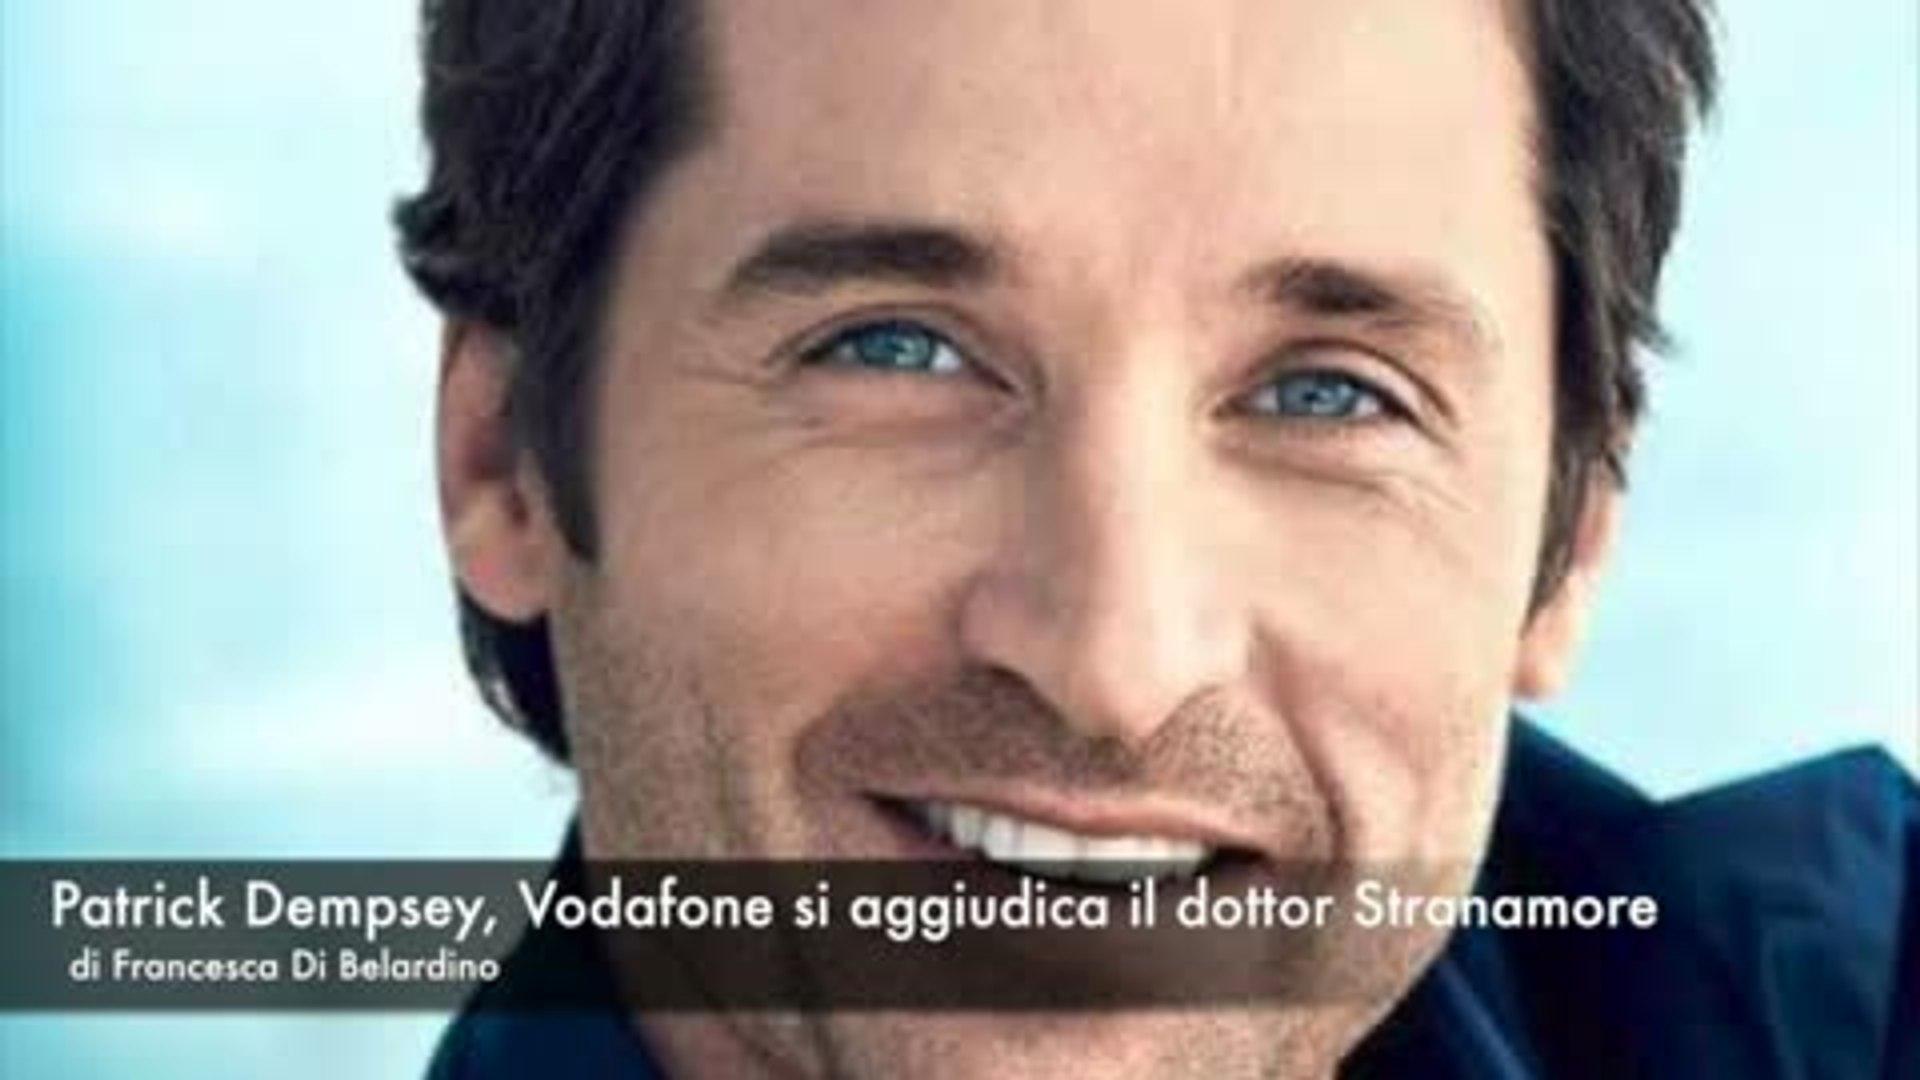 Patrick Dempsey Vodafone Si Aggiudica Il Dottor Stranamore